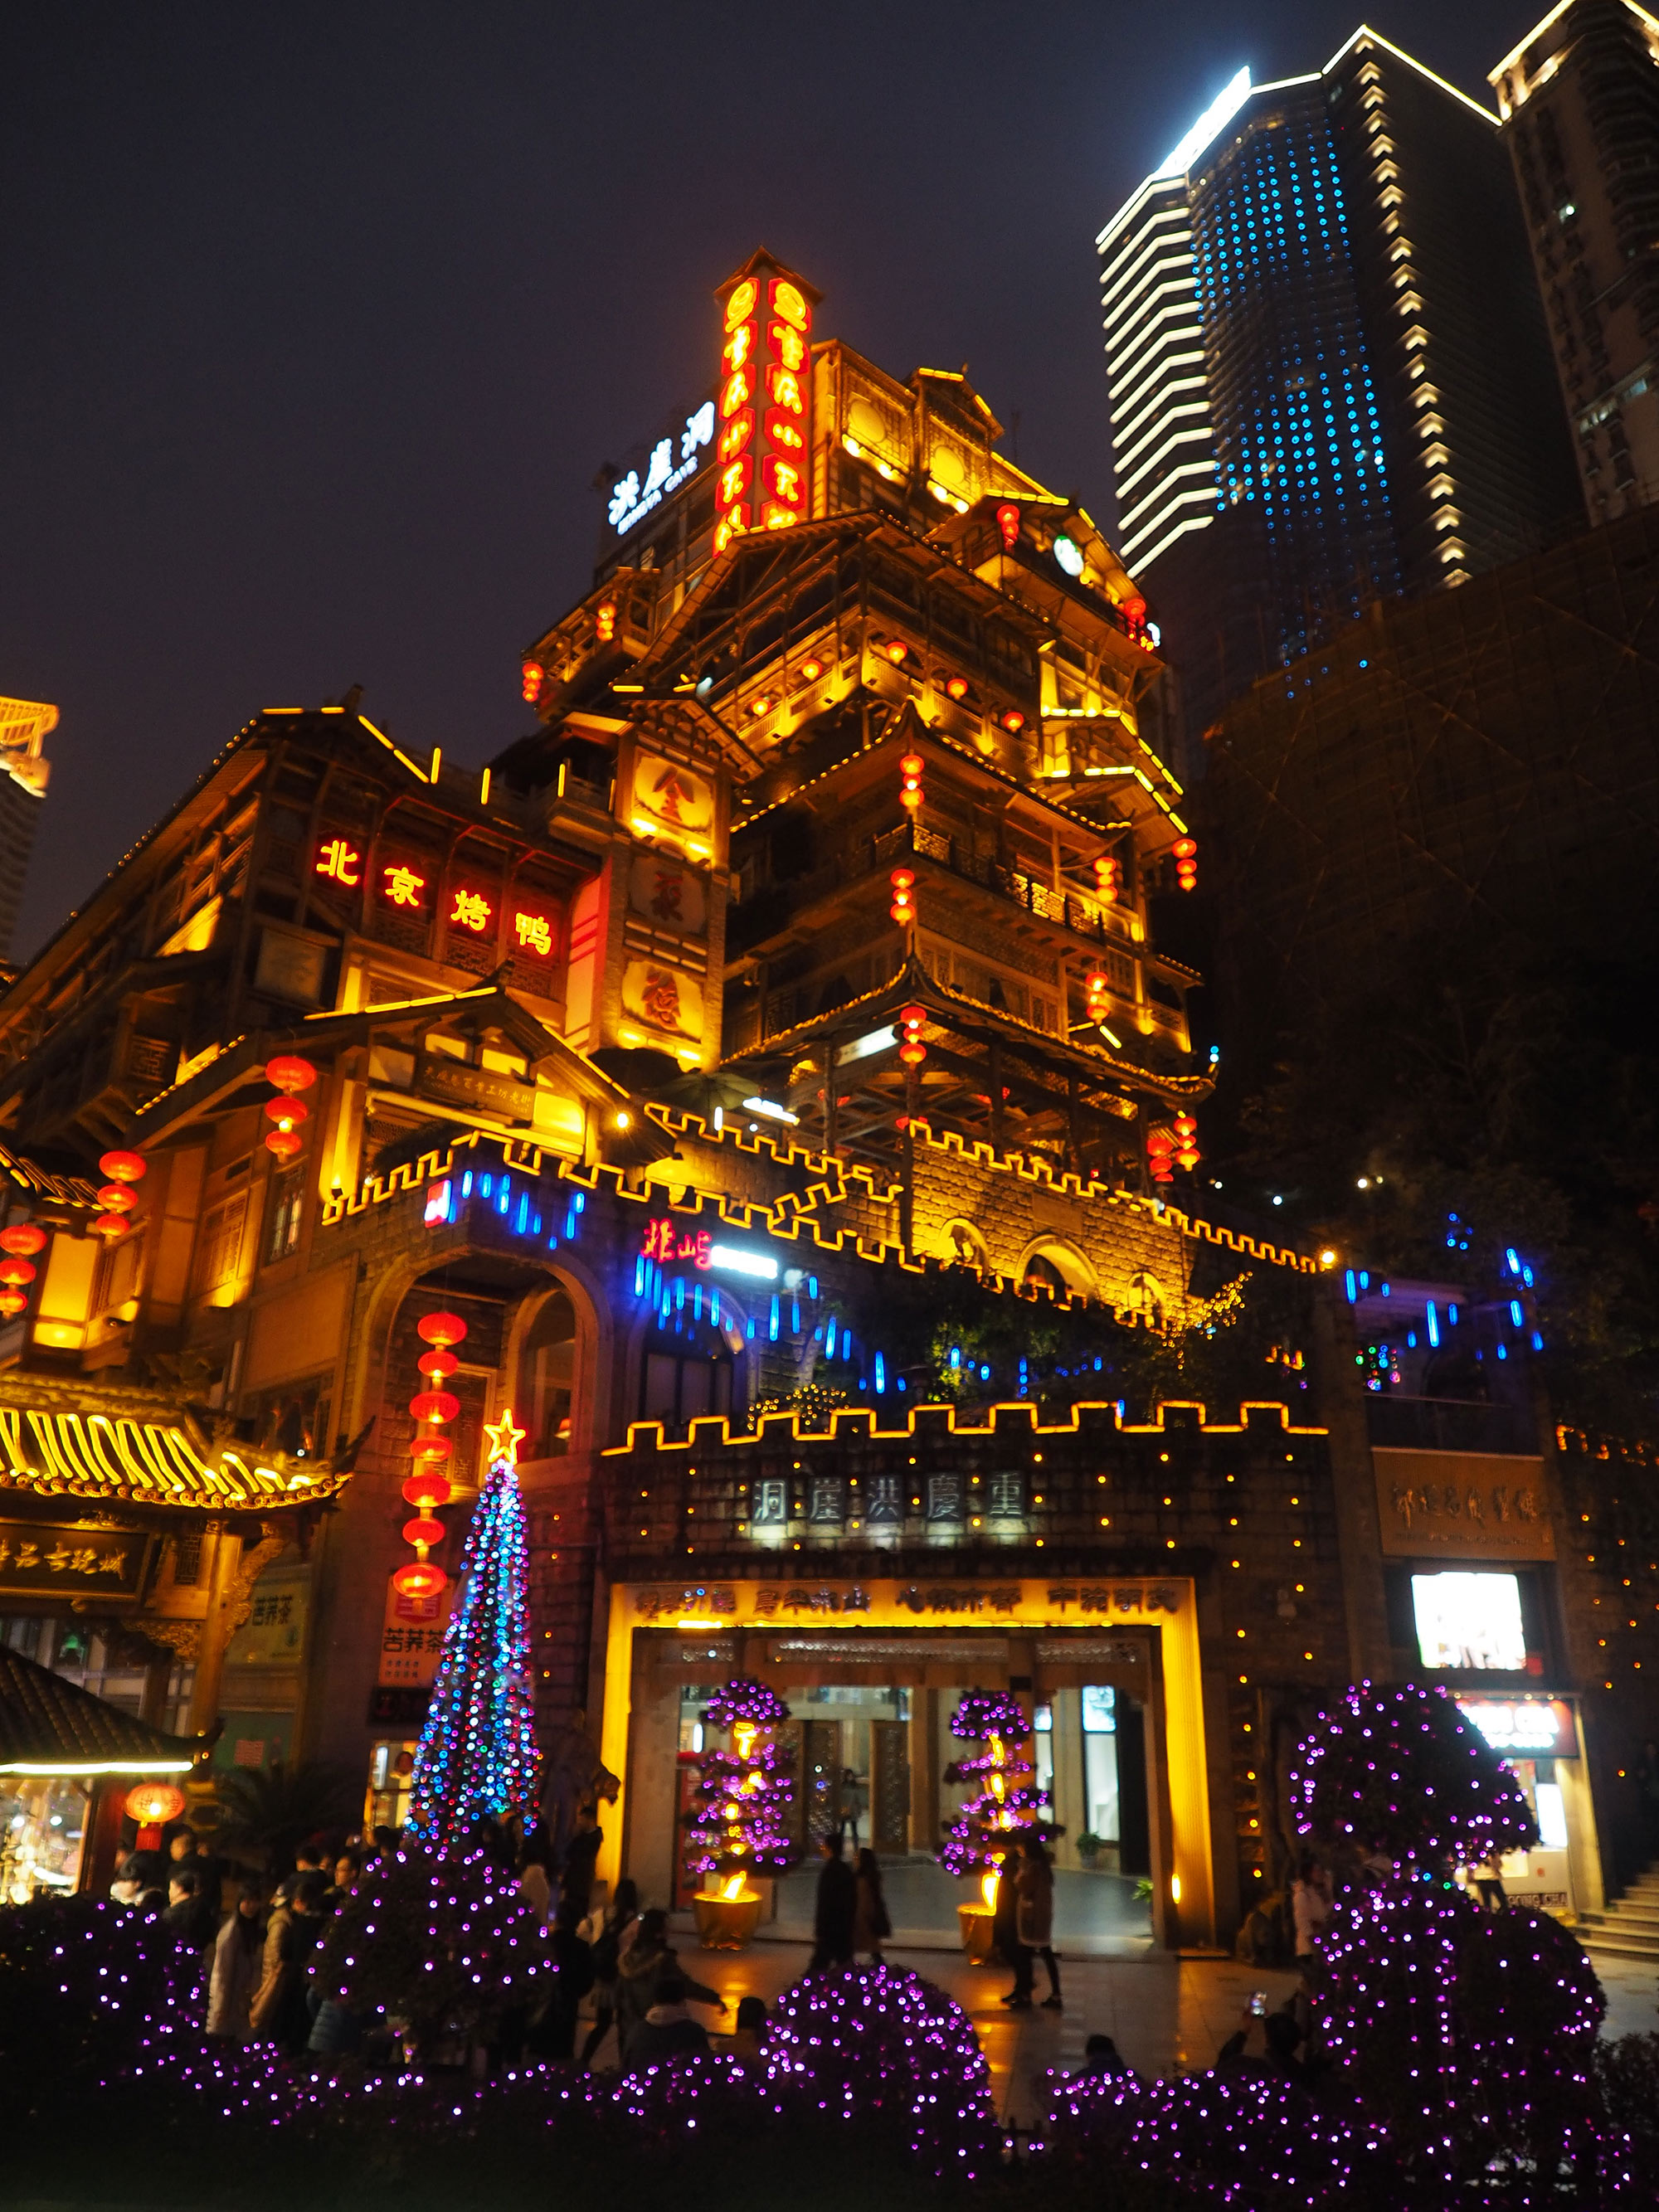 云南文旅景区夜游项目策划设计分为四个阶段